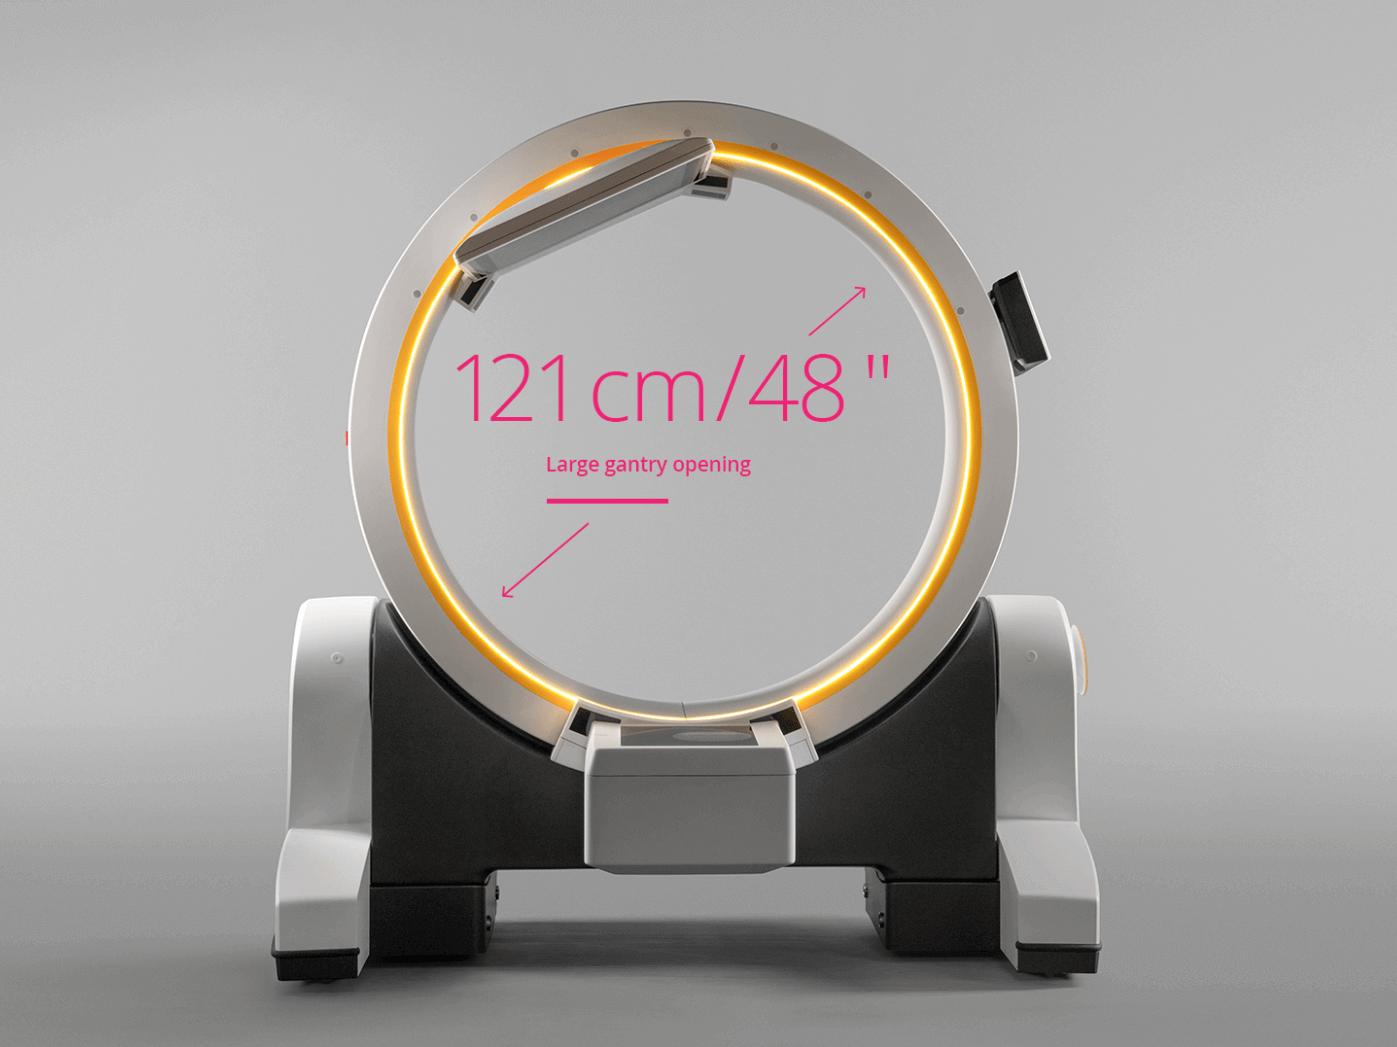 Brainlab Loop-X large gantry opening: 121cm/48in